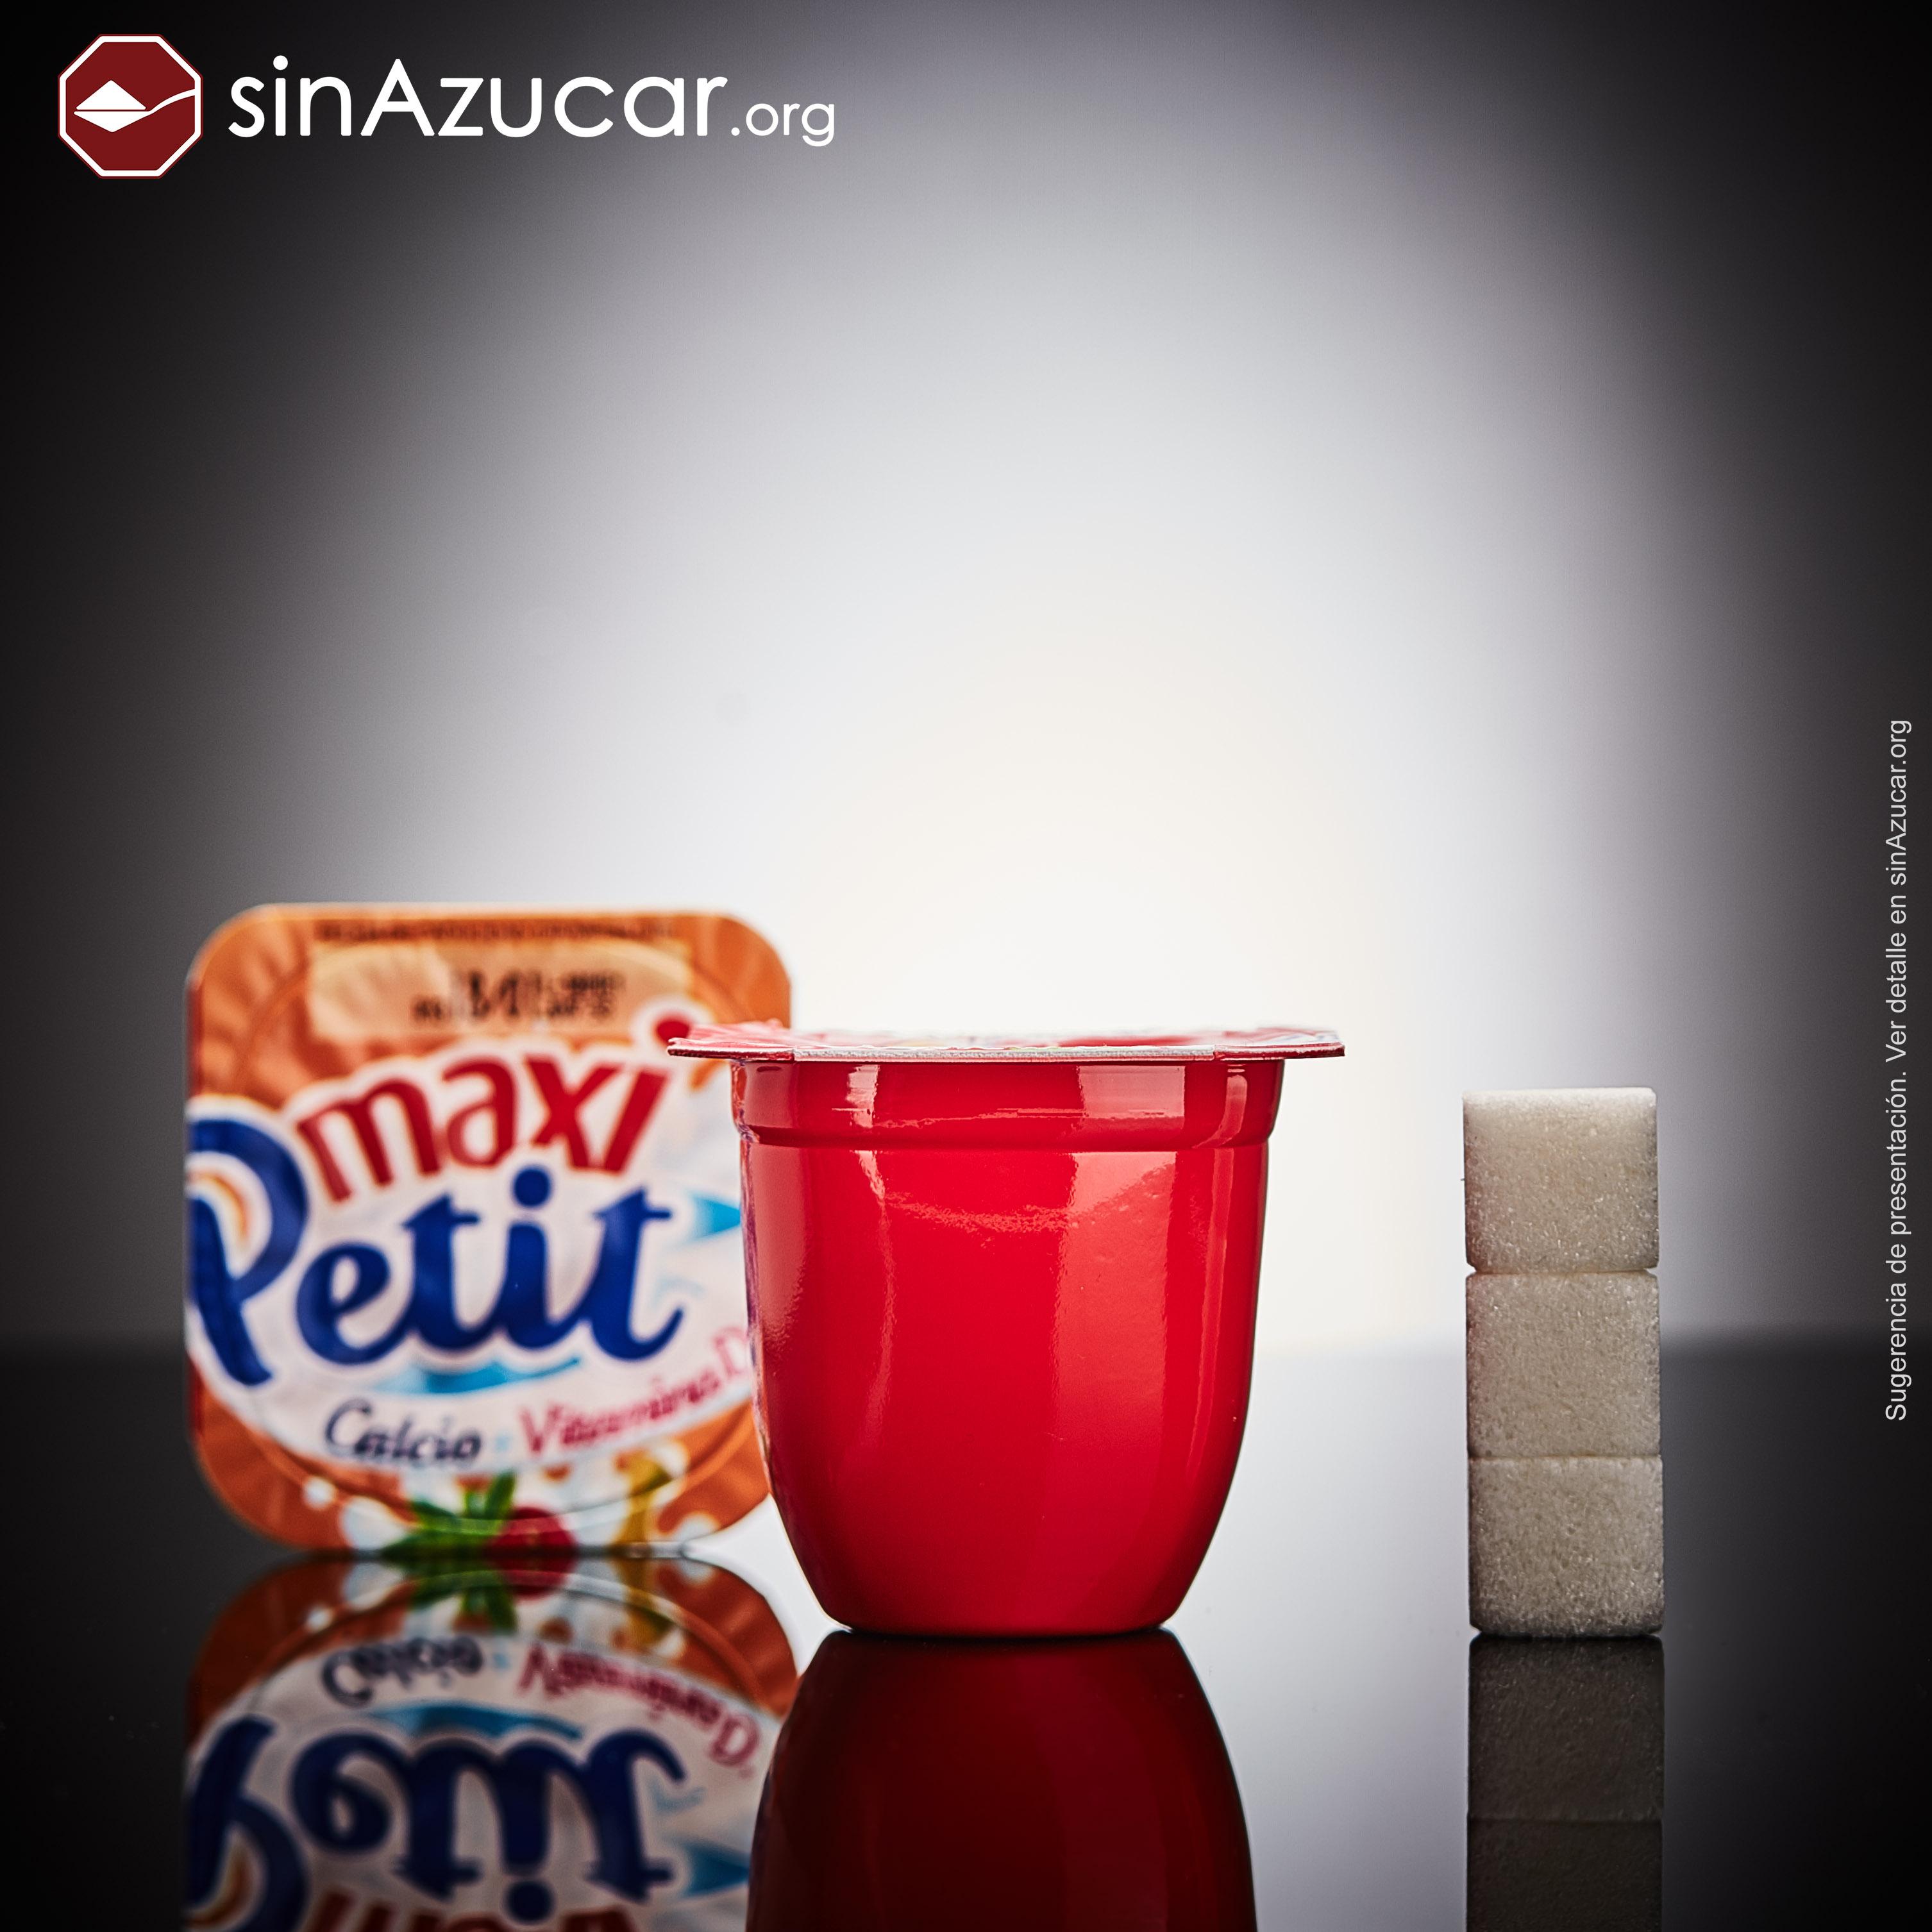 Un Maxi Petit de marca Hacendado contiene 12g de azúcar, equivalente a 3 terrones.